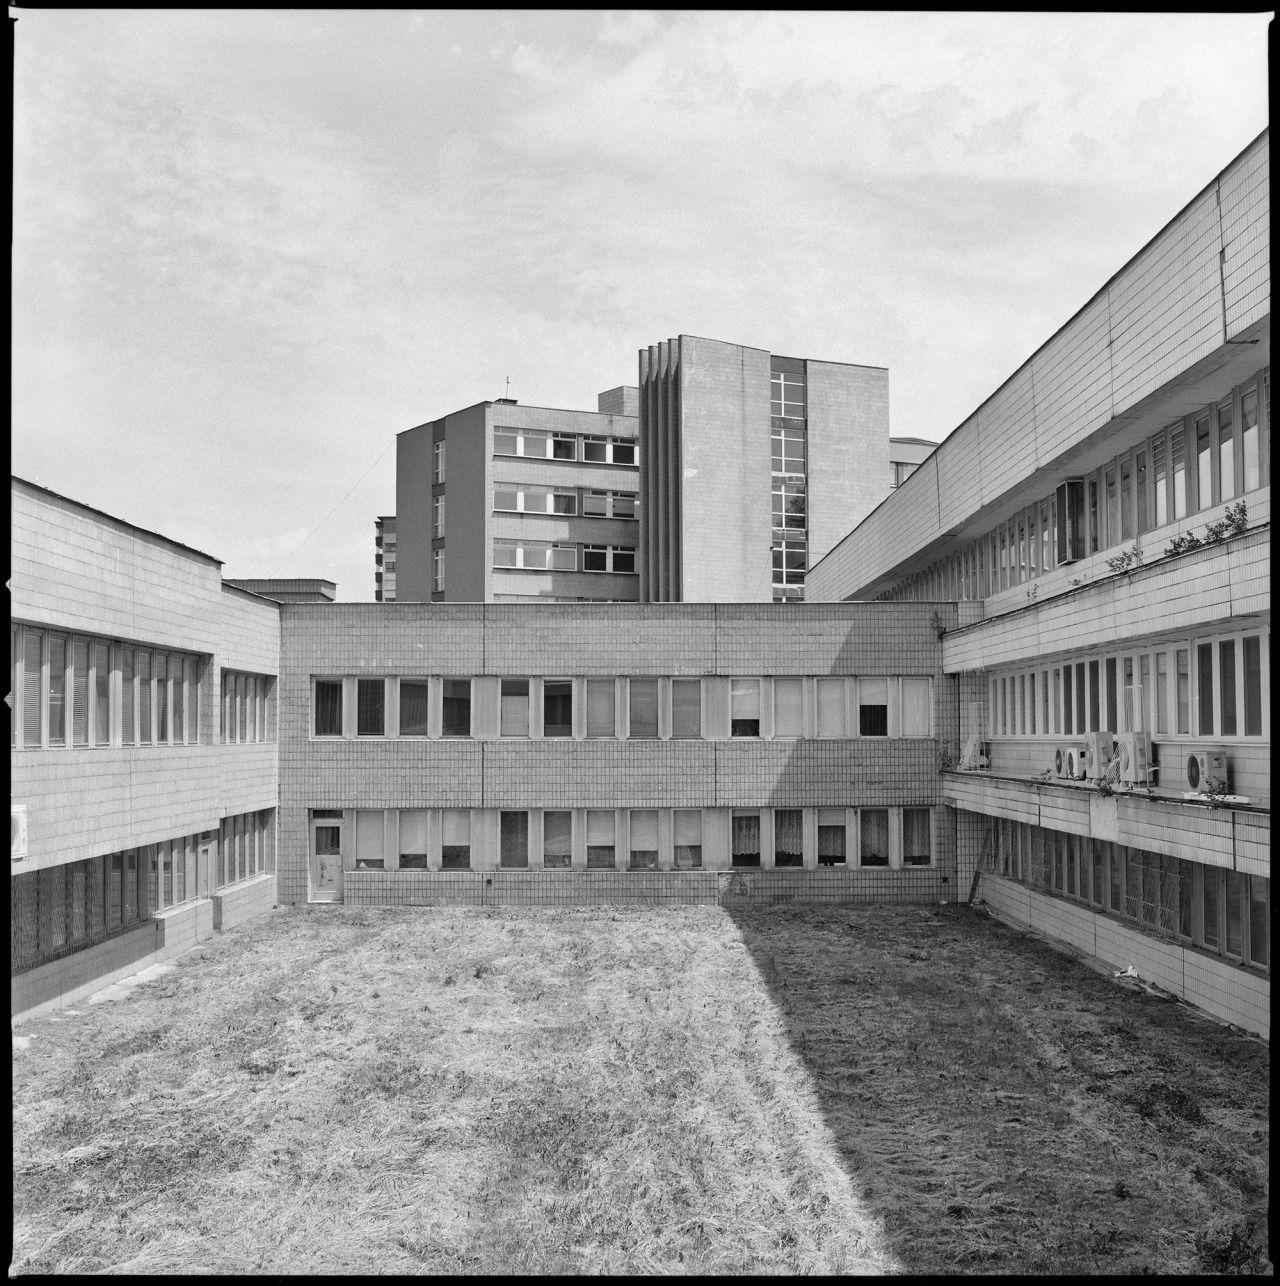 Univerzitná nemocnica Bratislava - Nemocnica Ružinov (Bratislava University Hospital - Ružinov Hospital) & Poliklinika Ružinov (Ružinov clinic), Bratislava, Slovakia. (Arch. unknown, 1976-86 & Albert Ščepán, 1965-72) Photo by Carlos Traspaderne with...